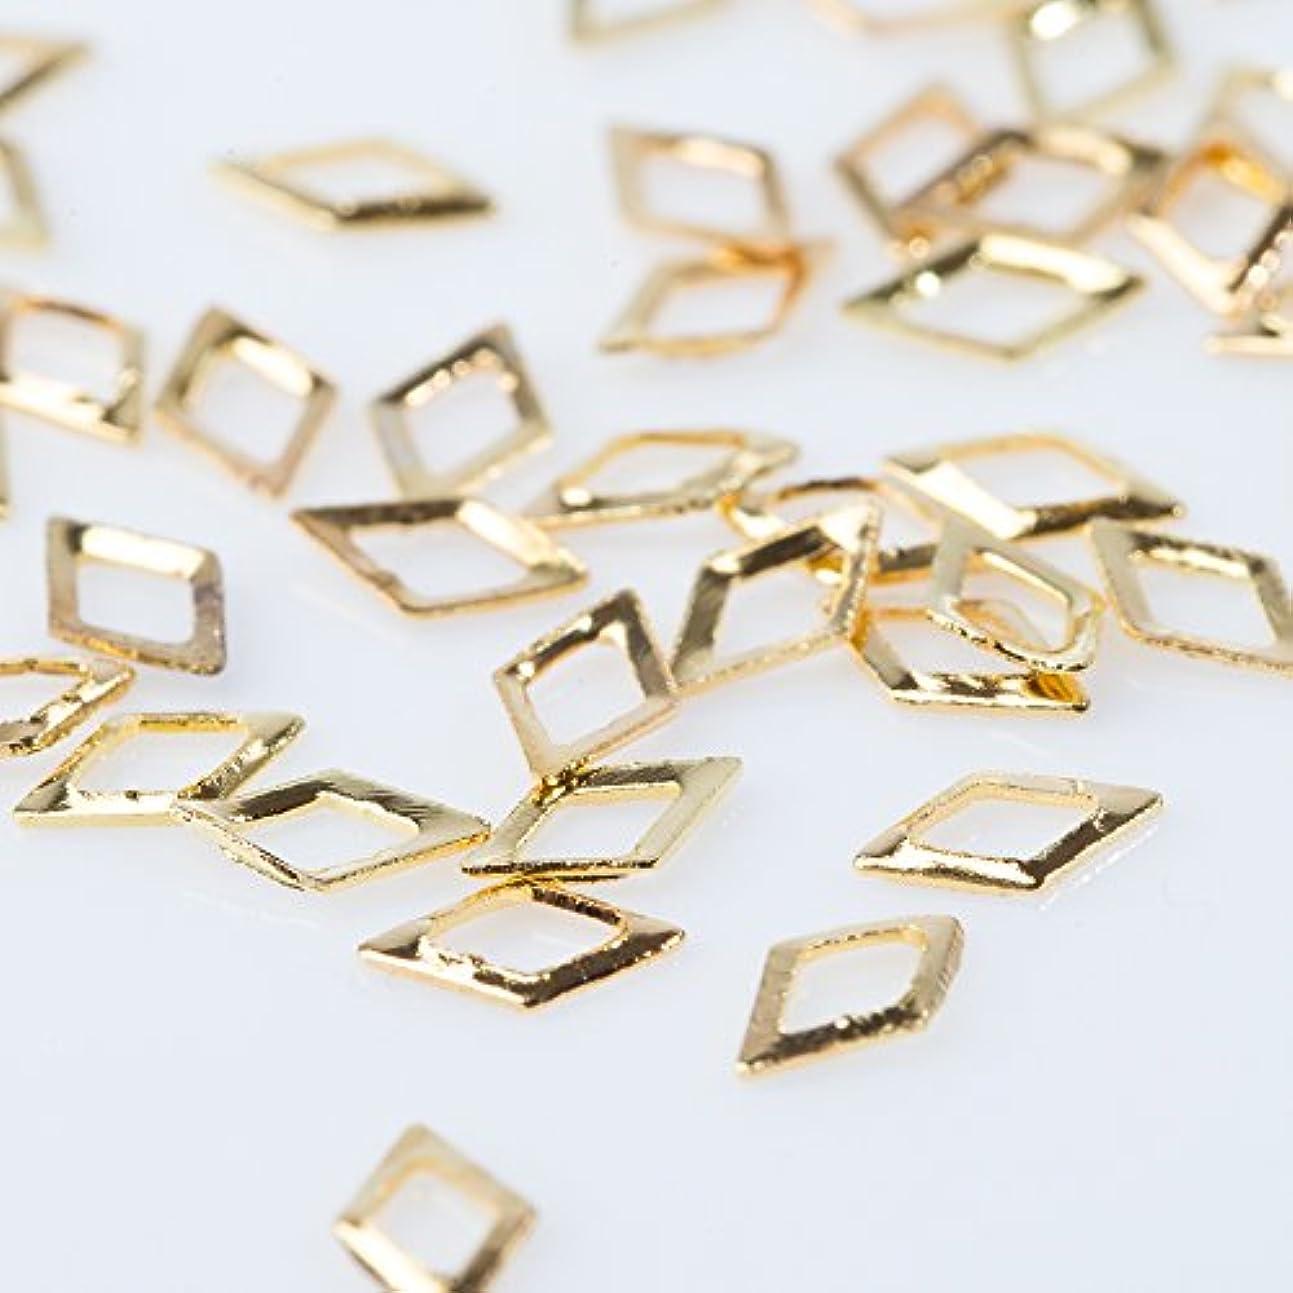 こんにちは海峡ひも効率スタッズ メタルパーツ【パールストーン通販MK】ダイヤモンド くり抜き 約50粒(3mm)厳選 パーツ 手作り アクセサリー ネイル